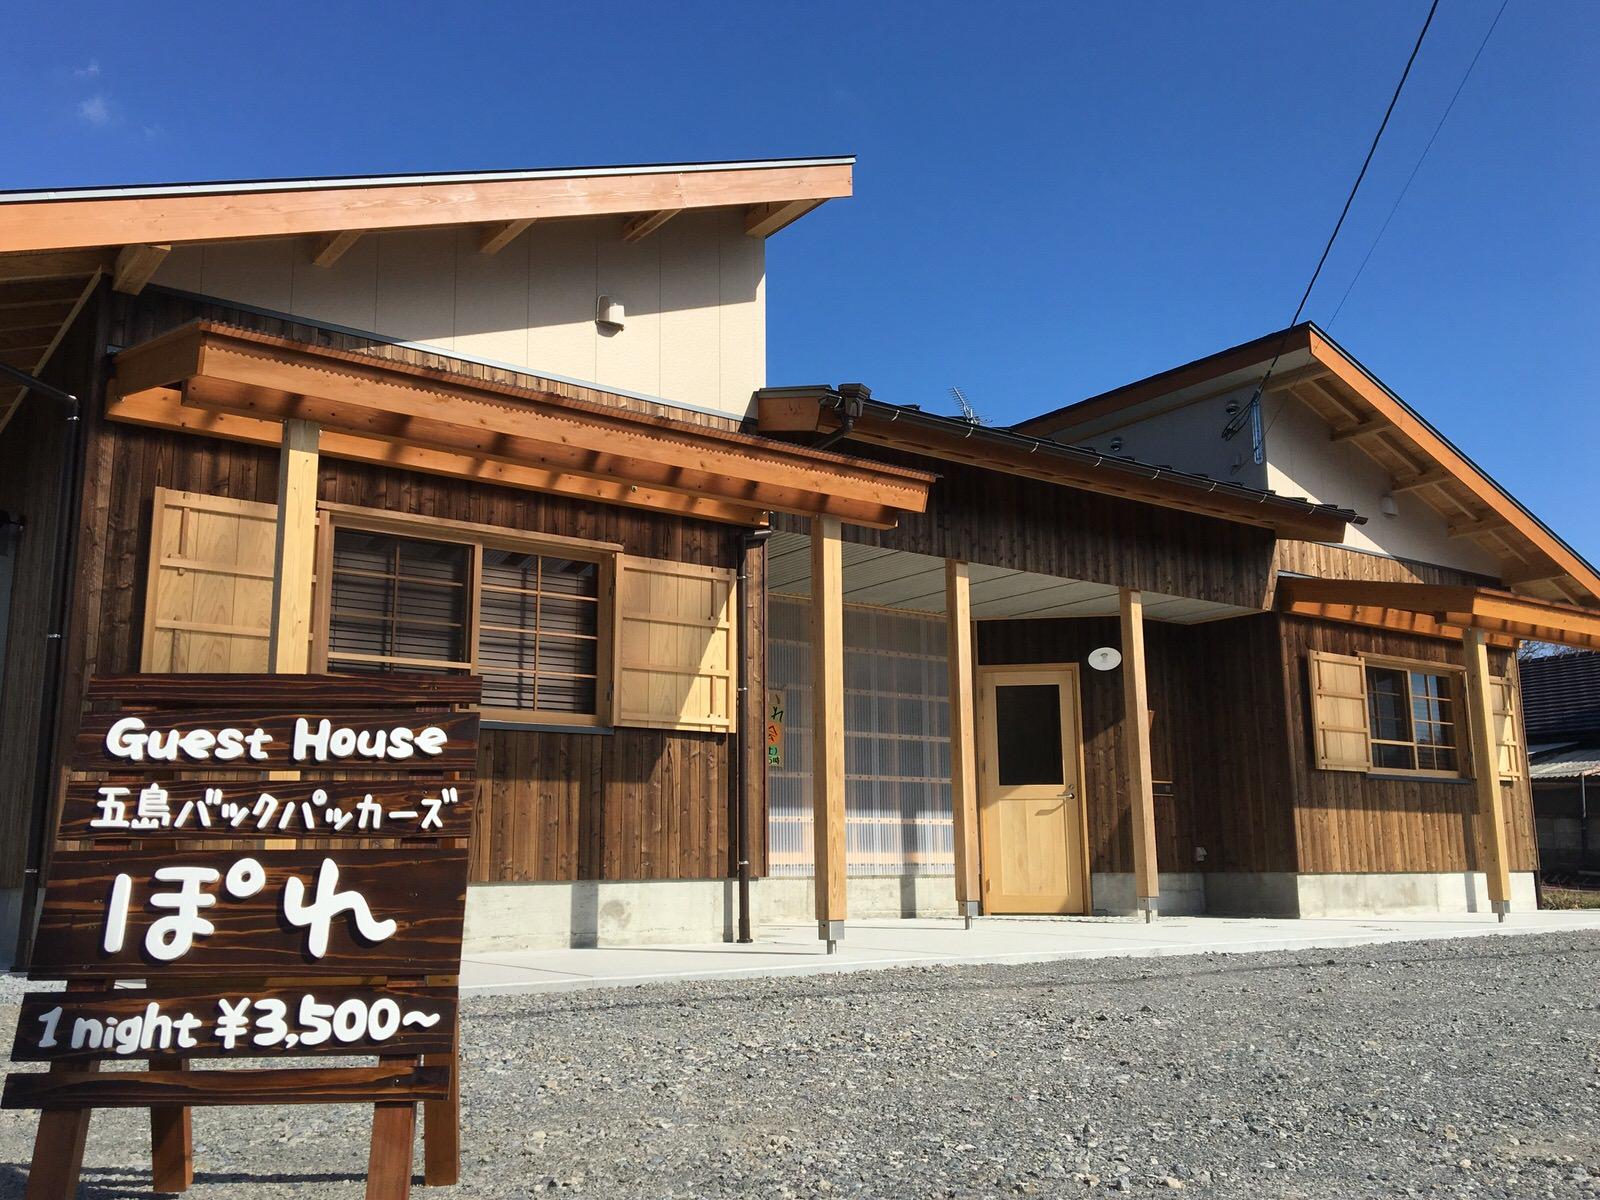 3/1上五島・蛤浜海水浴場すぐの所にゲストハウス「五島バックパッカーズぽれ」が新築オープン!